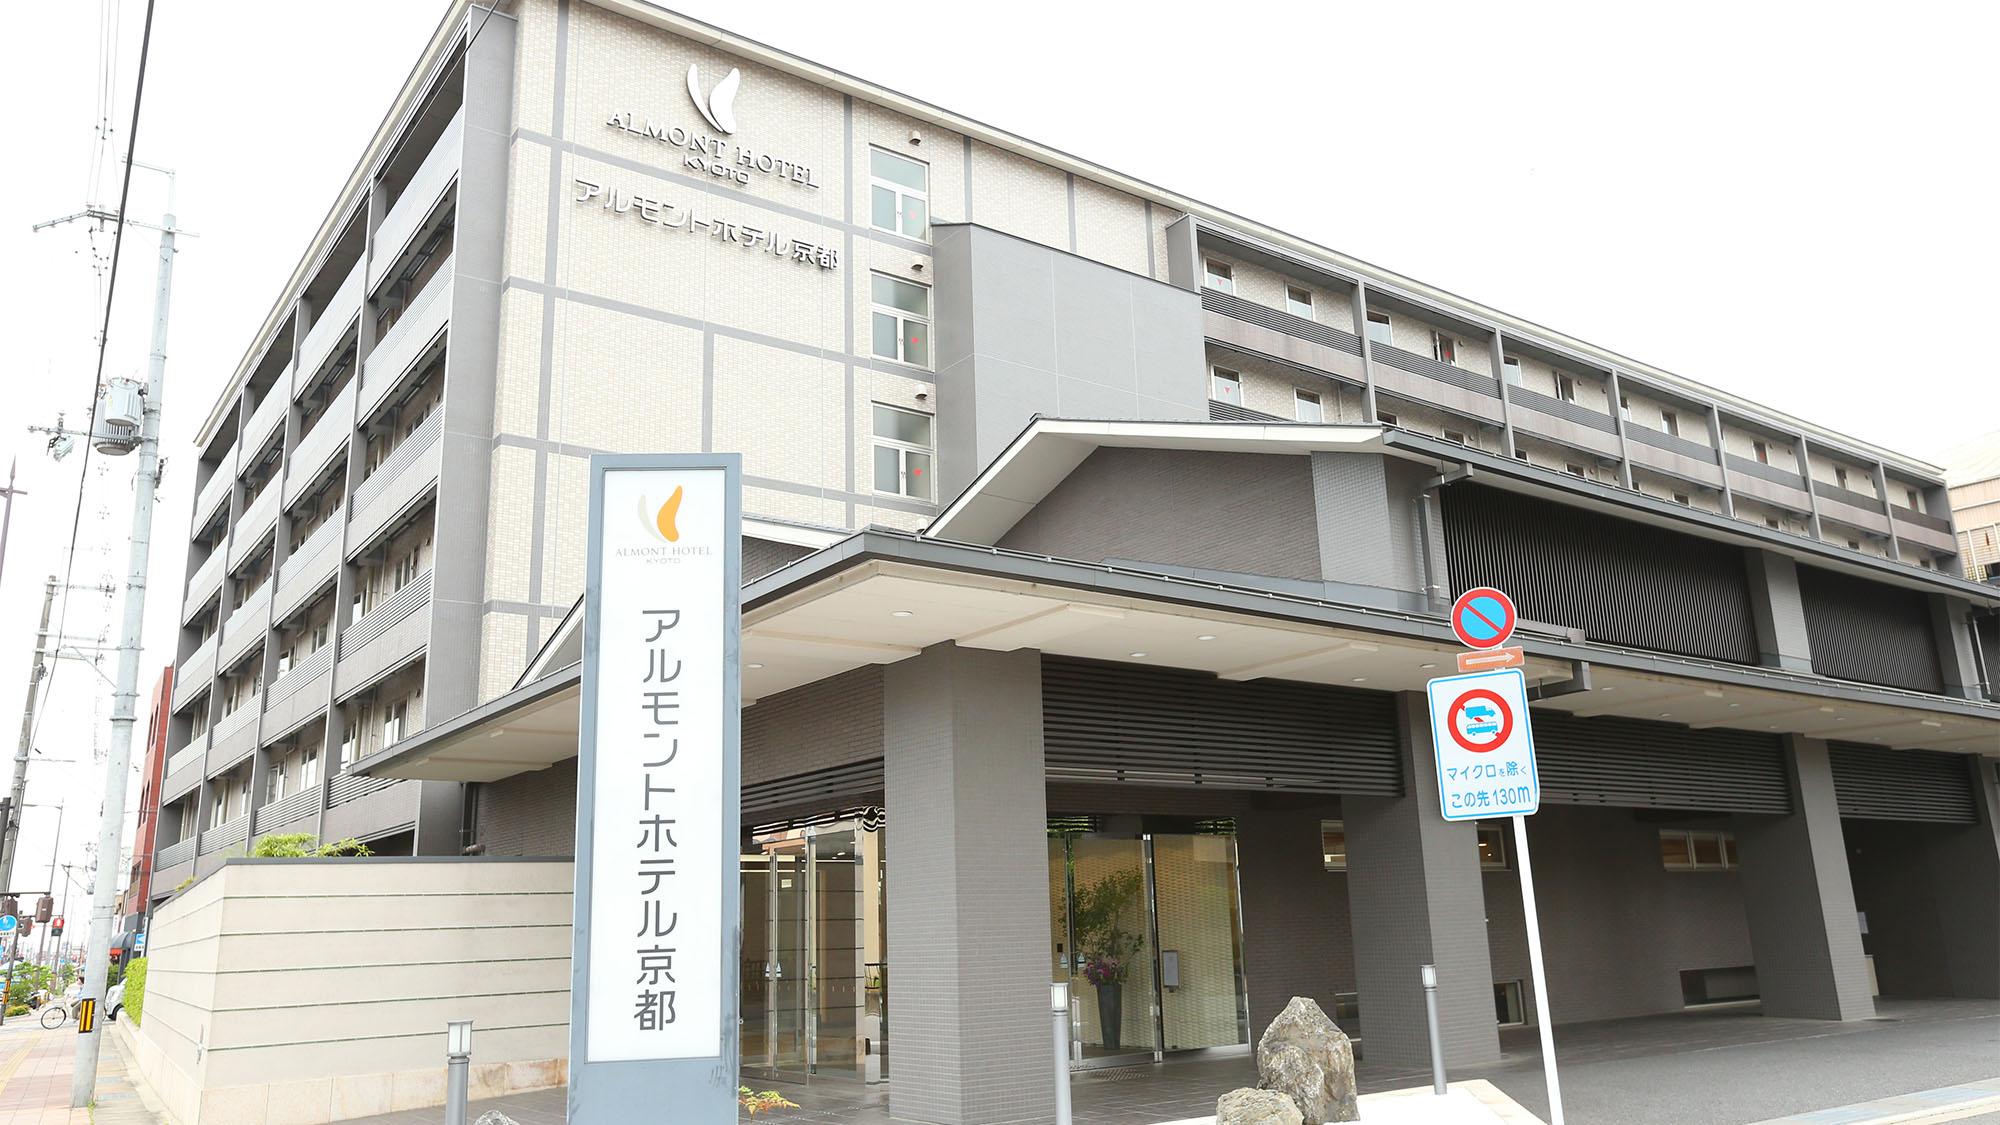 アルモント ホテル 京都◆楽天トラベル